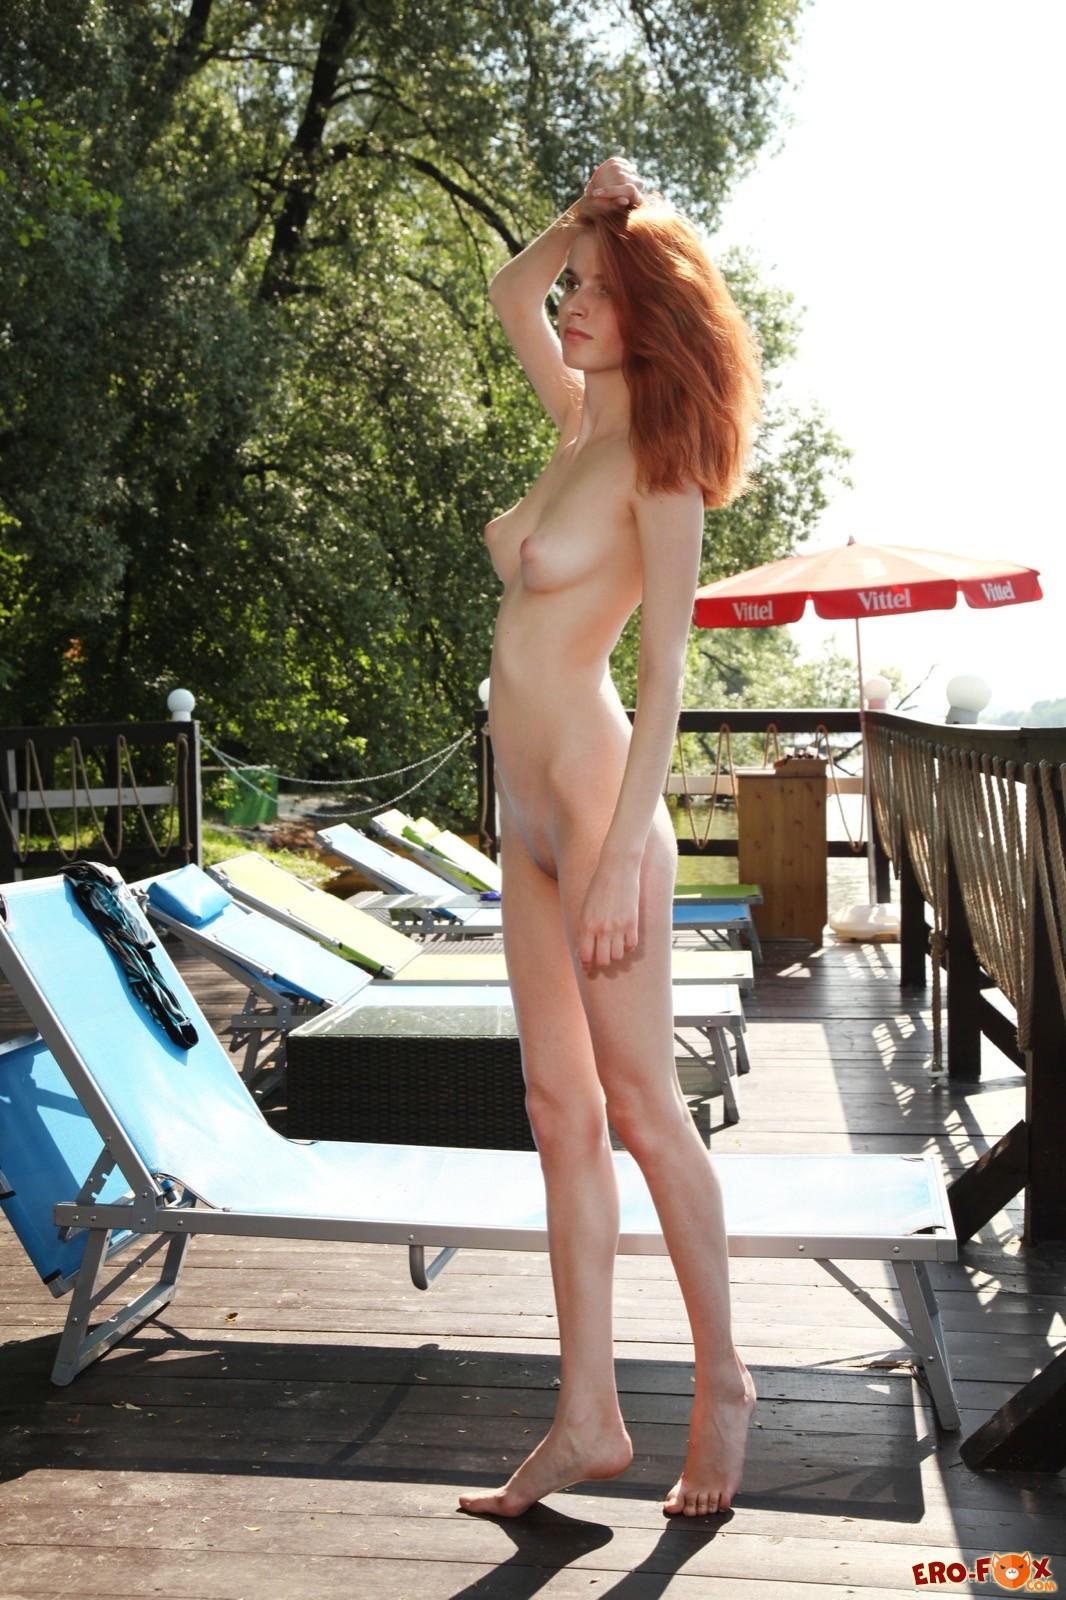 Высокая рыжая девица оголила сиськи и бритую письку